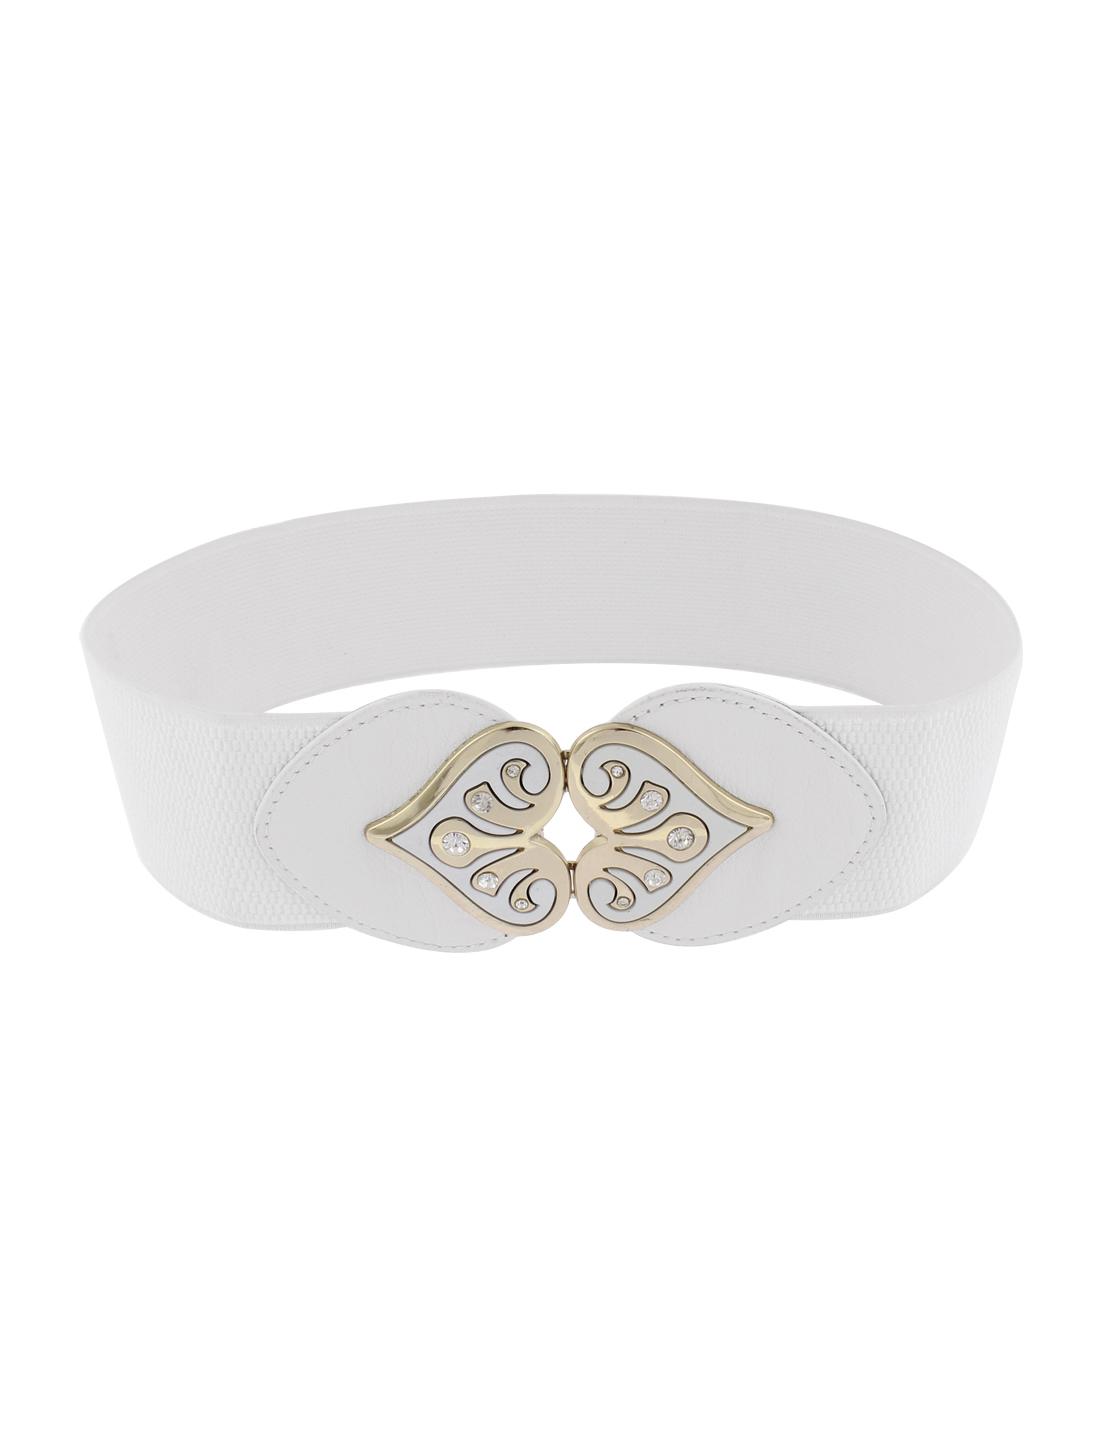 Elastic Waistband Waist Belt 6cm Wide White for Women